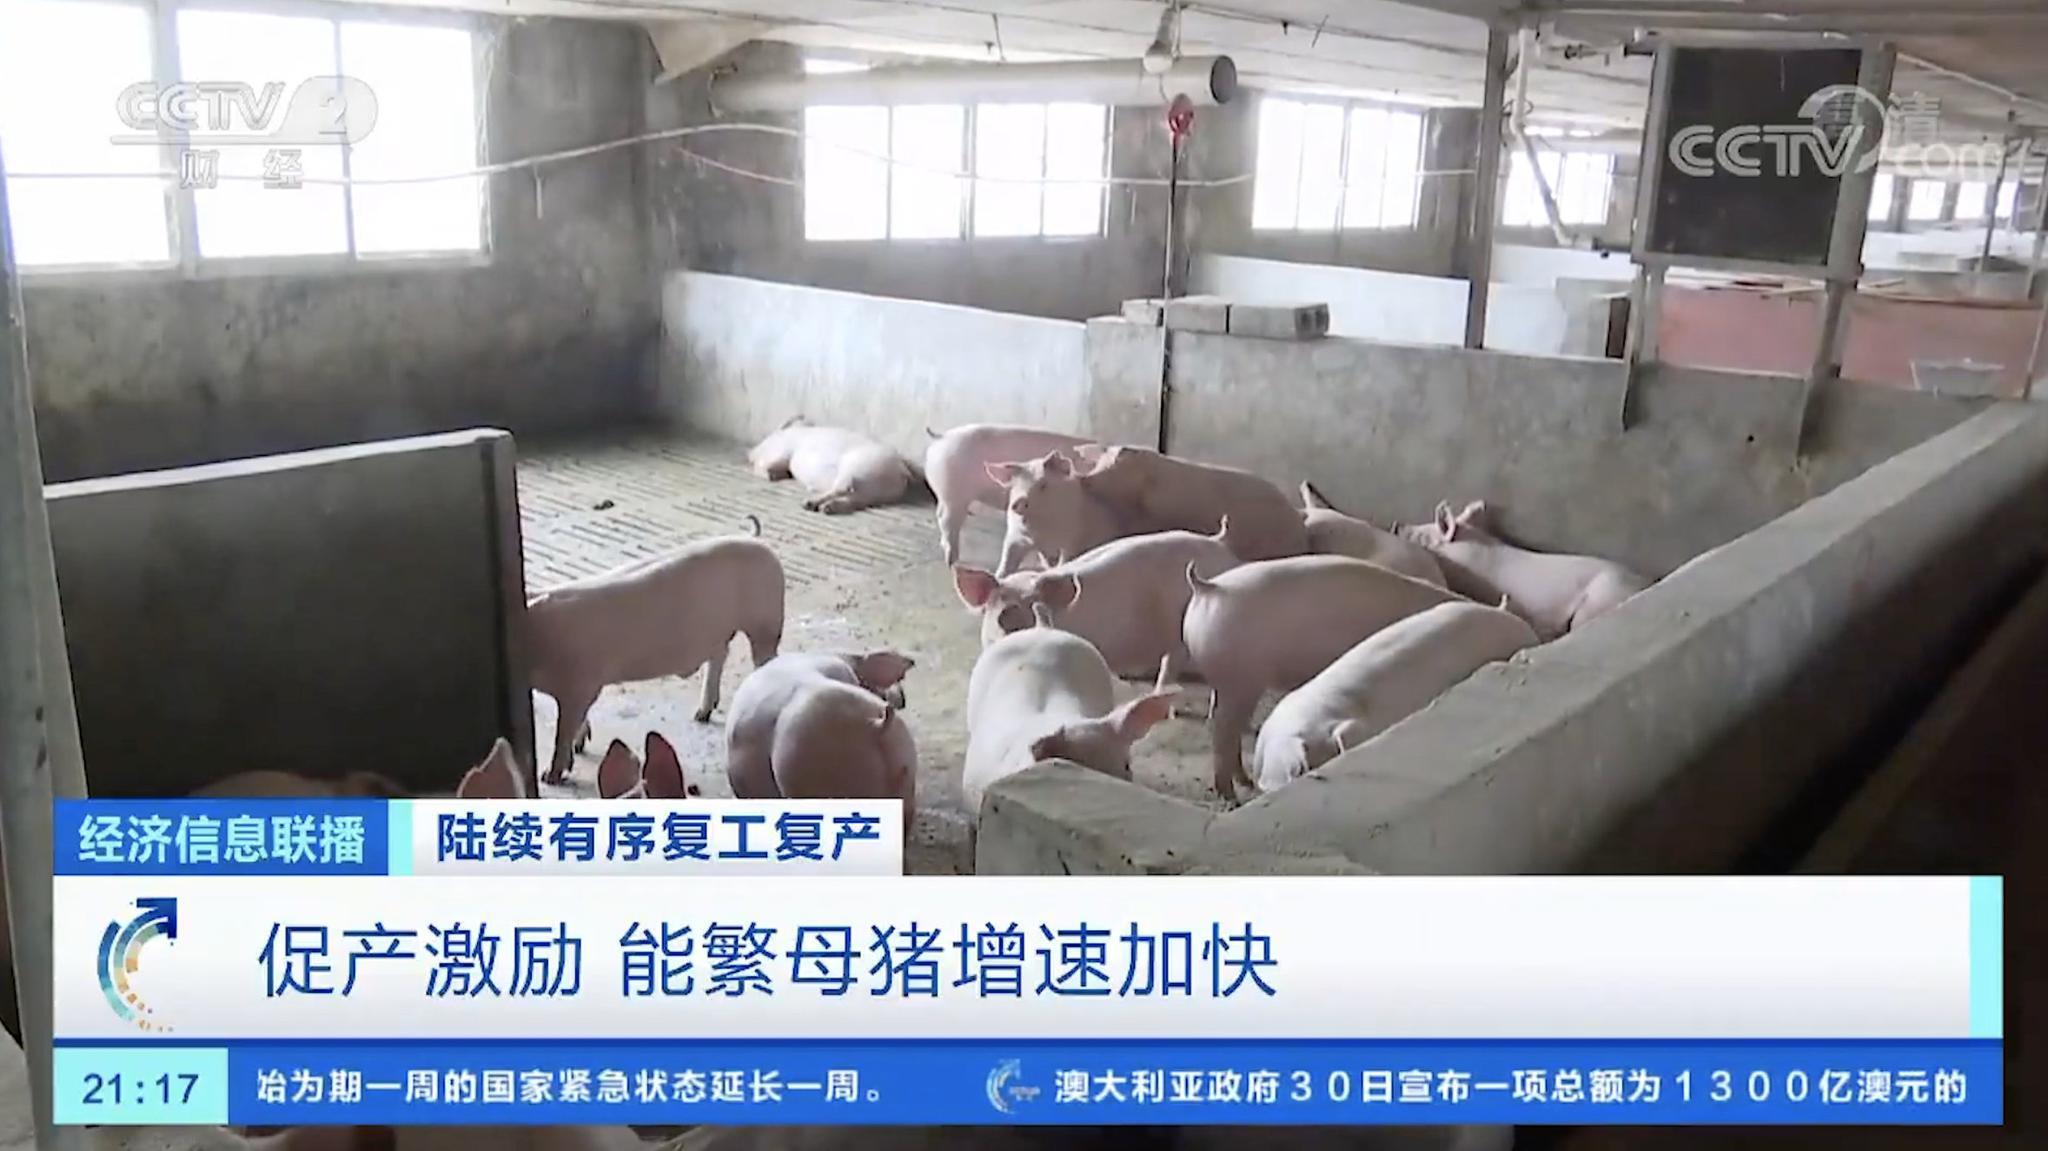 猪肉价格连续五周回落江苏奖励生猪万头户120万元